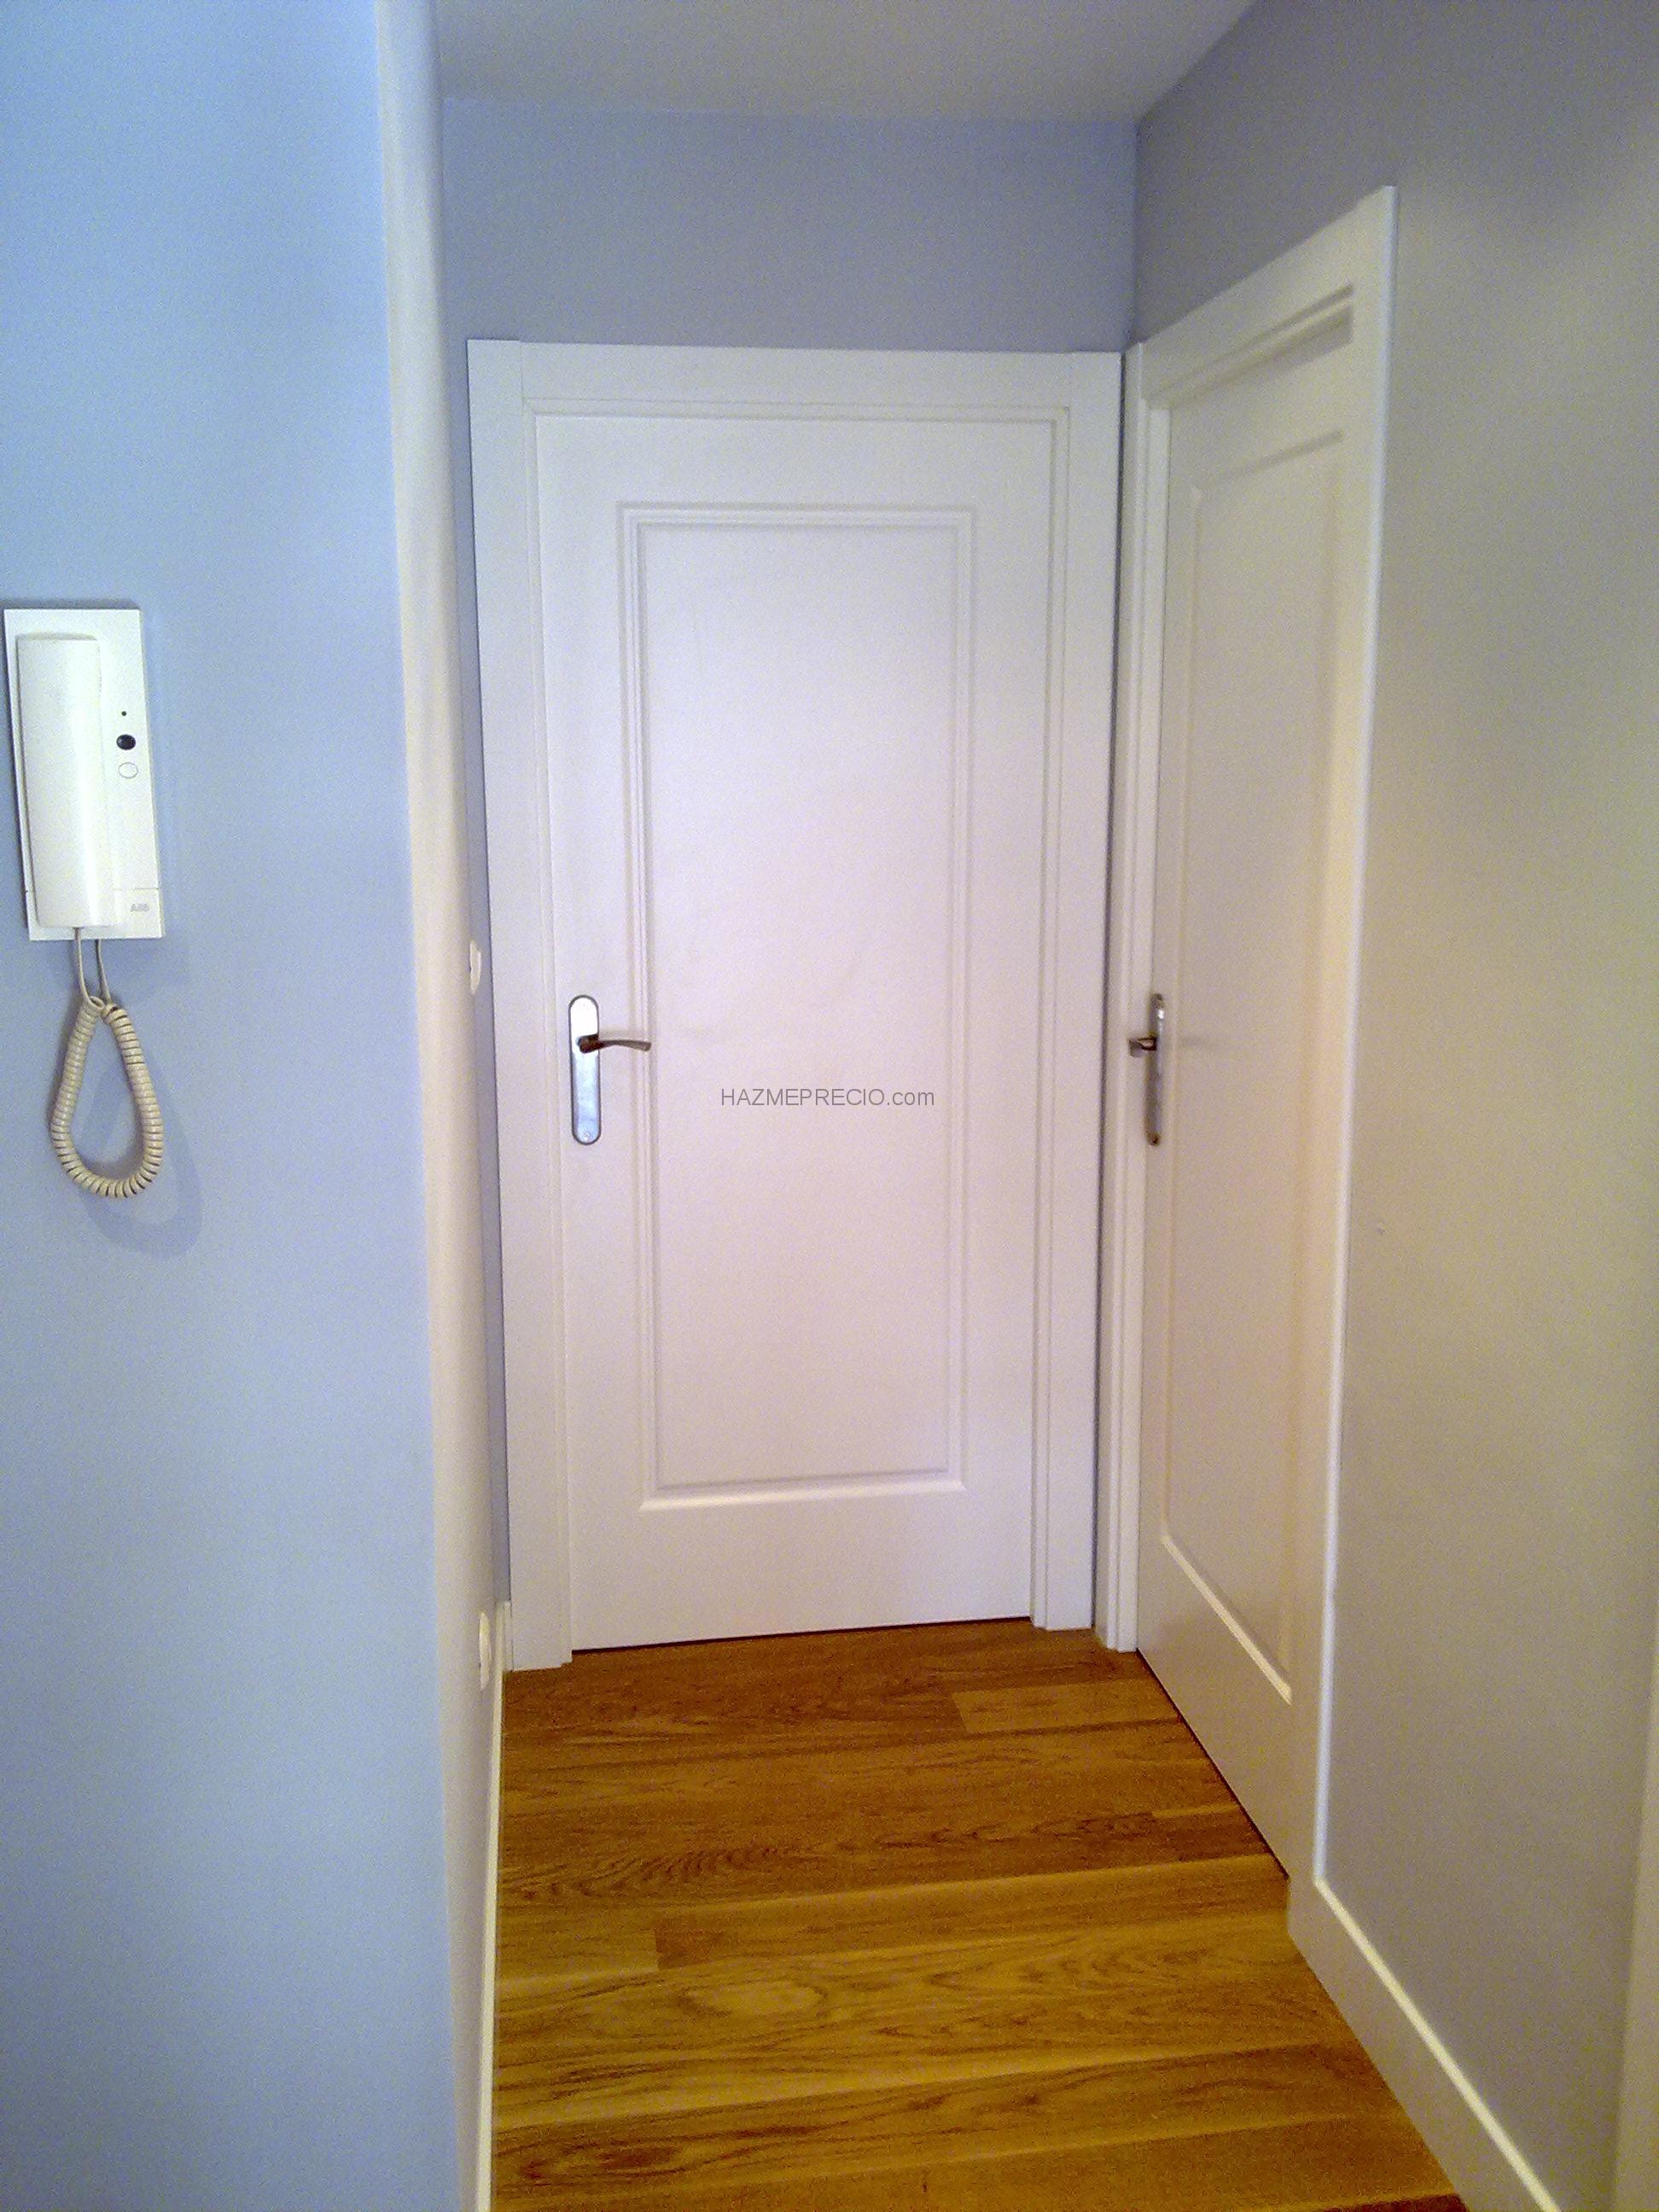 Como Lacar Puertas En Blanco Entrada De Casa Antes De Lacar  ~ Pintar Puertas De Blanco Precio